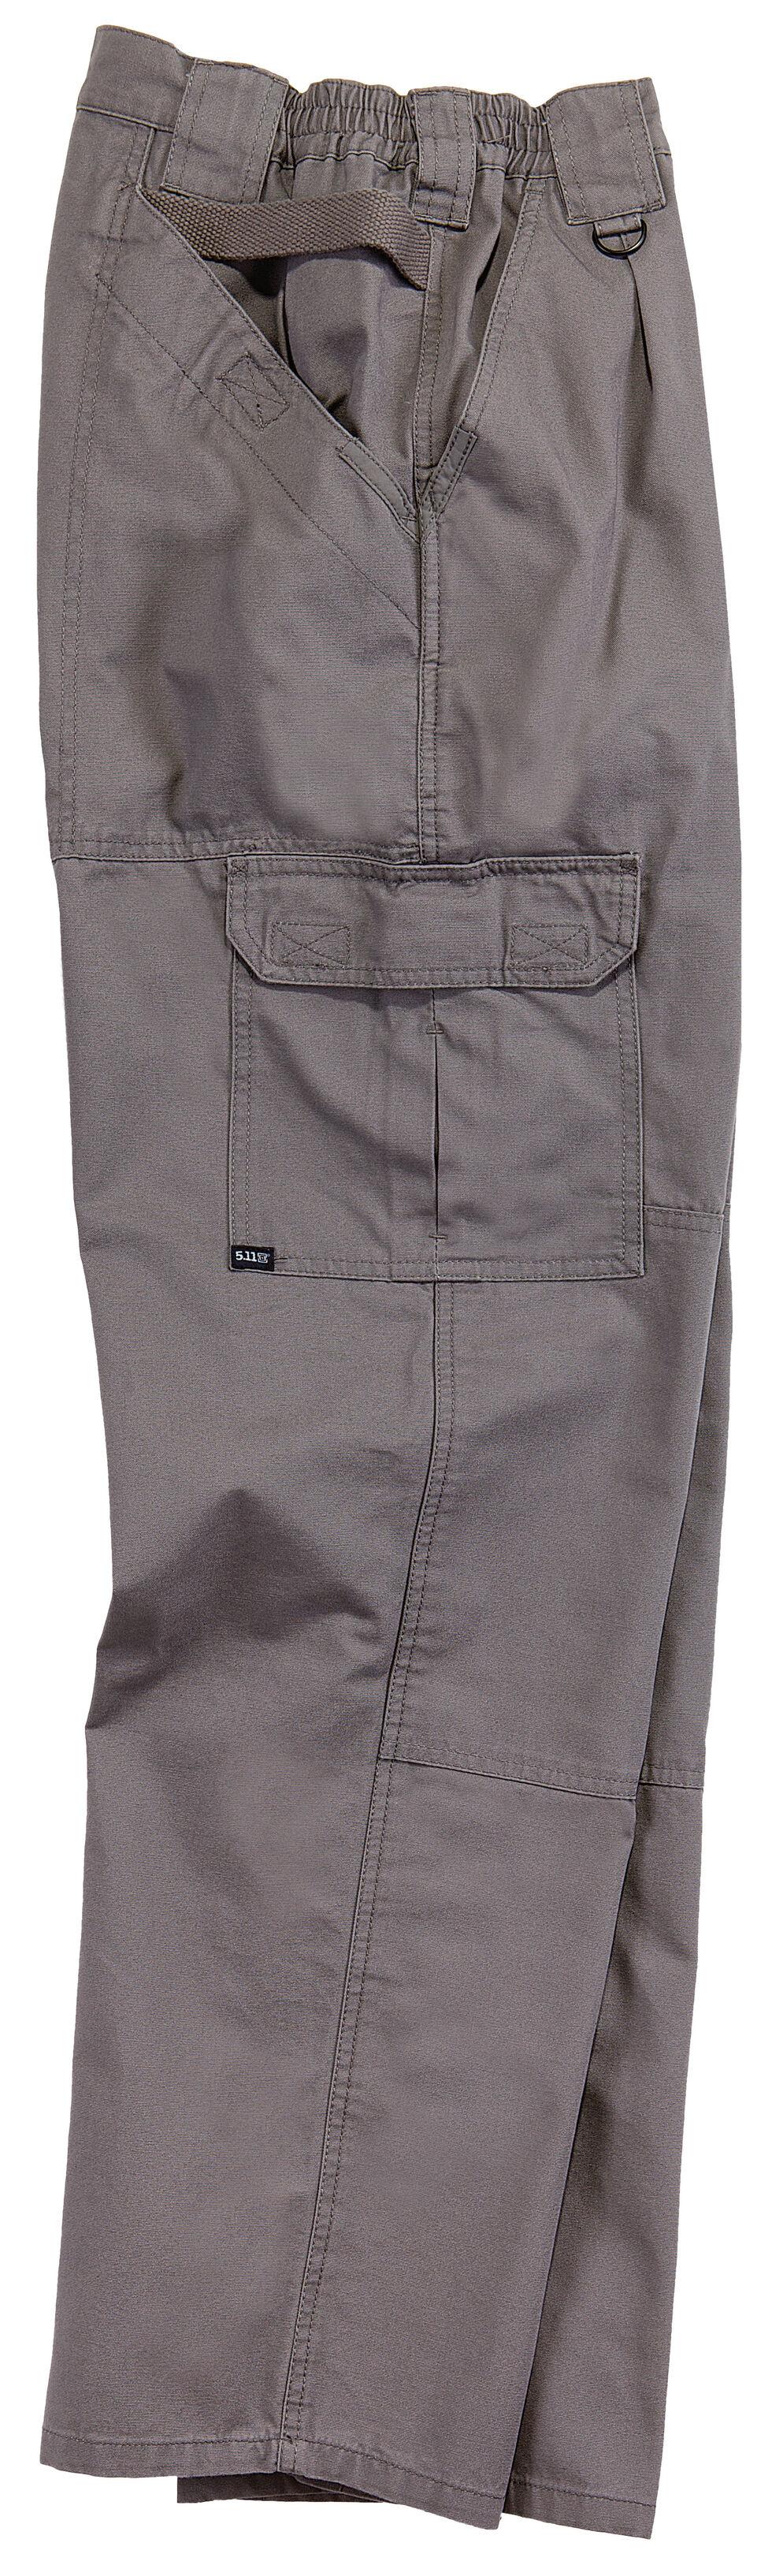 5.11 Tactical Pants, Grey, hi-res